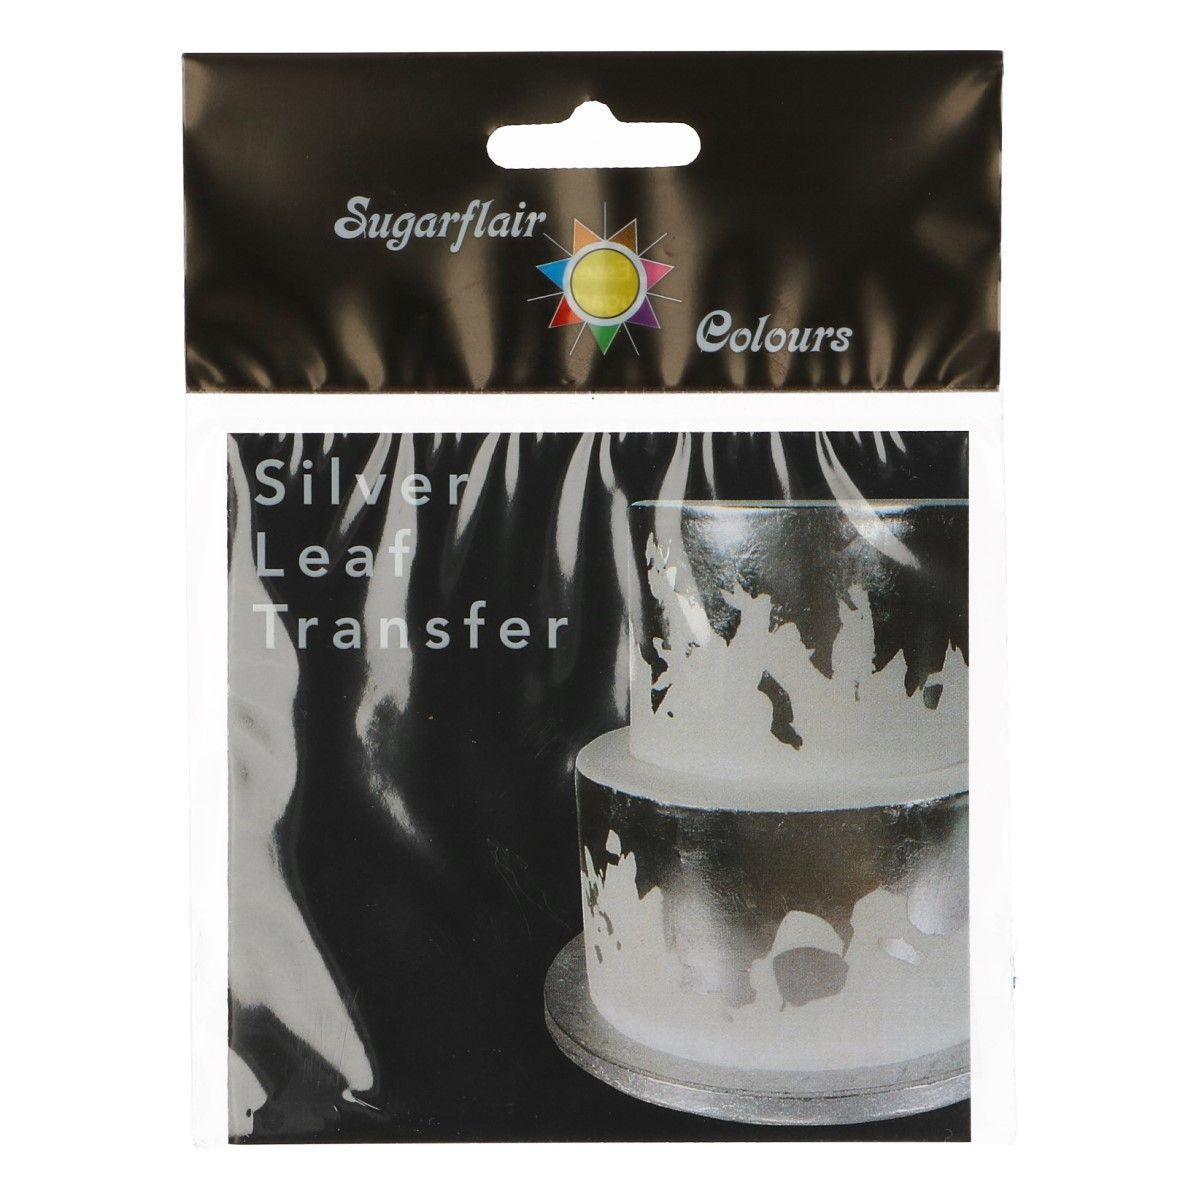 CakeSupplies Jedlé stříbro - fólie transfer 9,5 x 9,5 cm